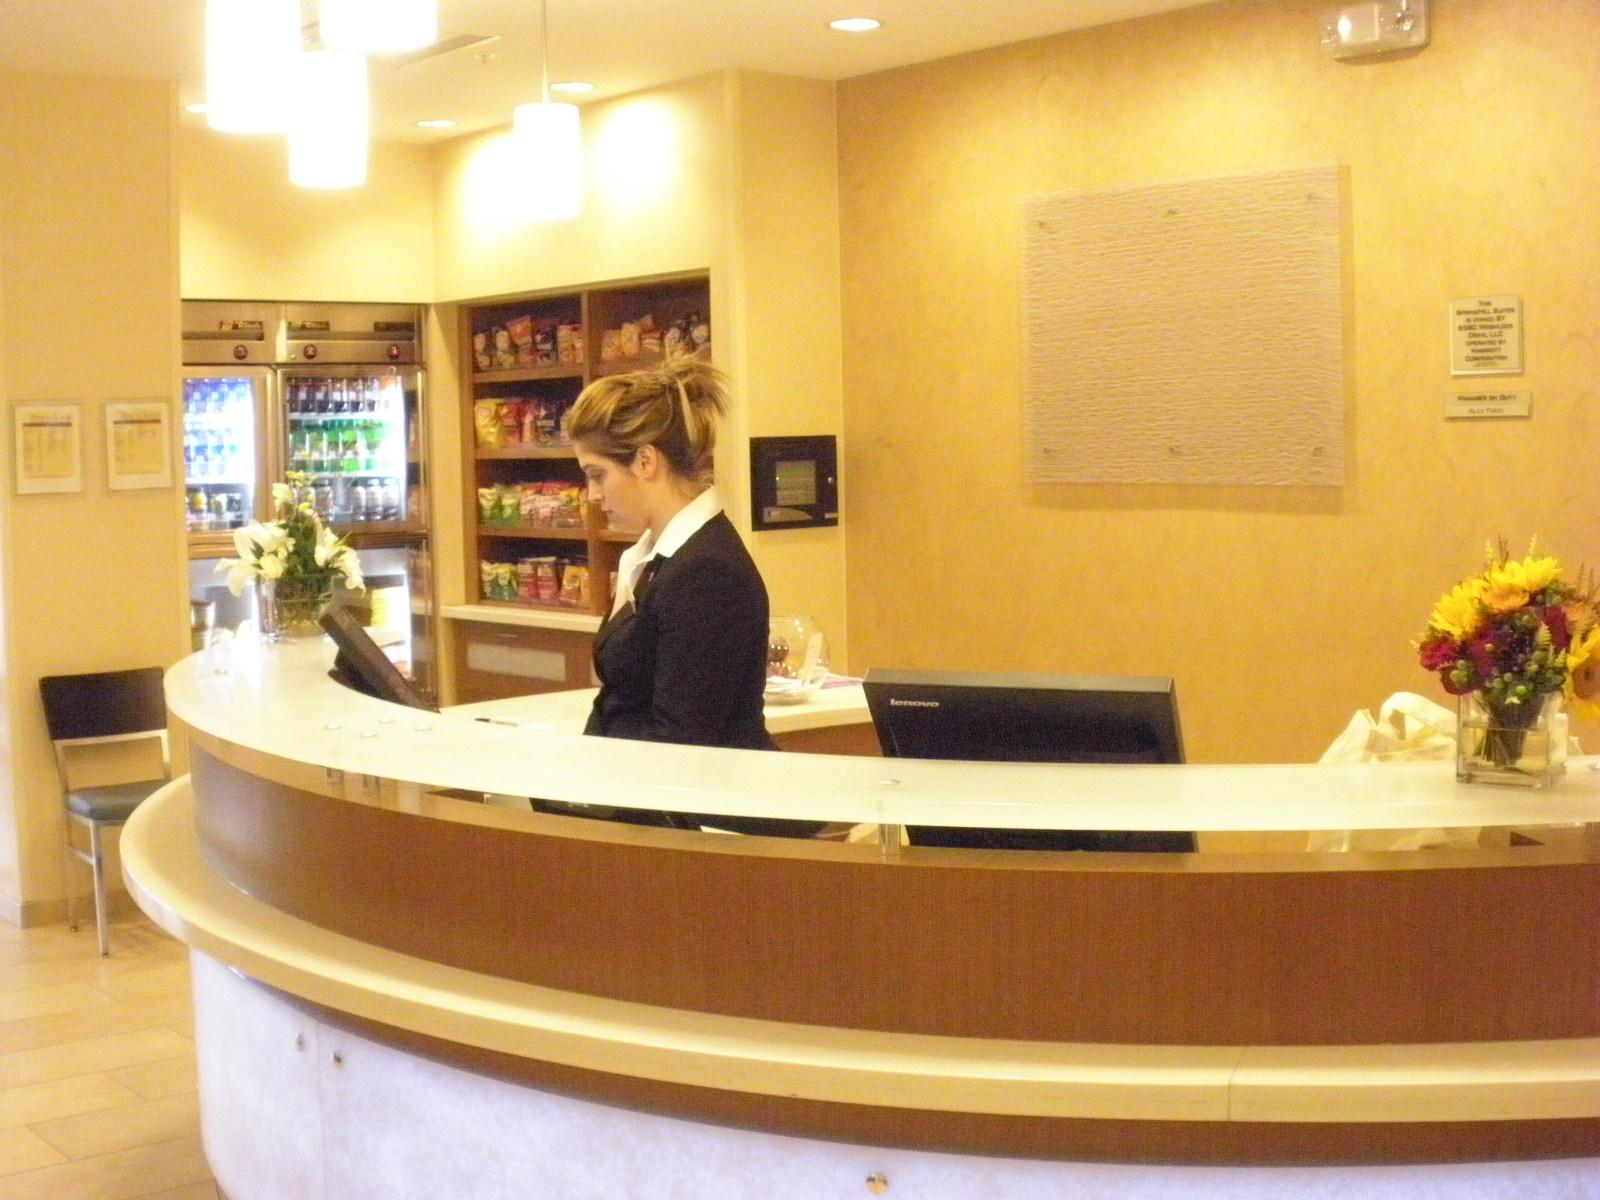 Linchi Kwok - A Hospitality Professional: September 2010